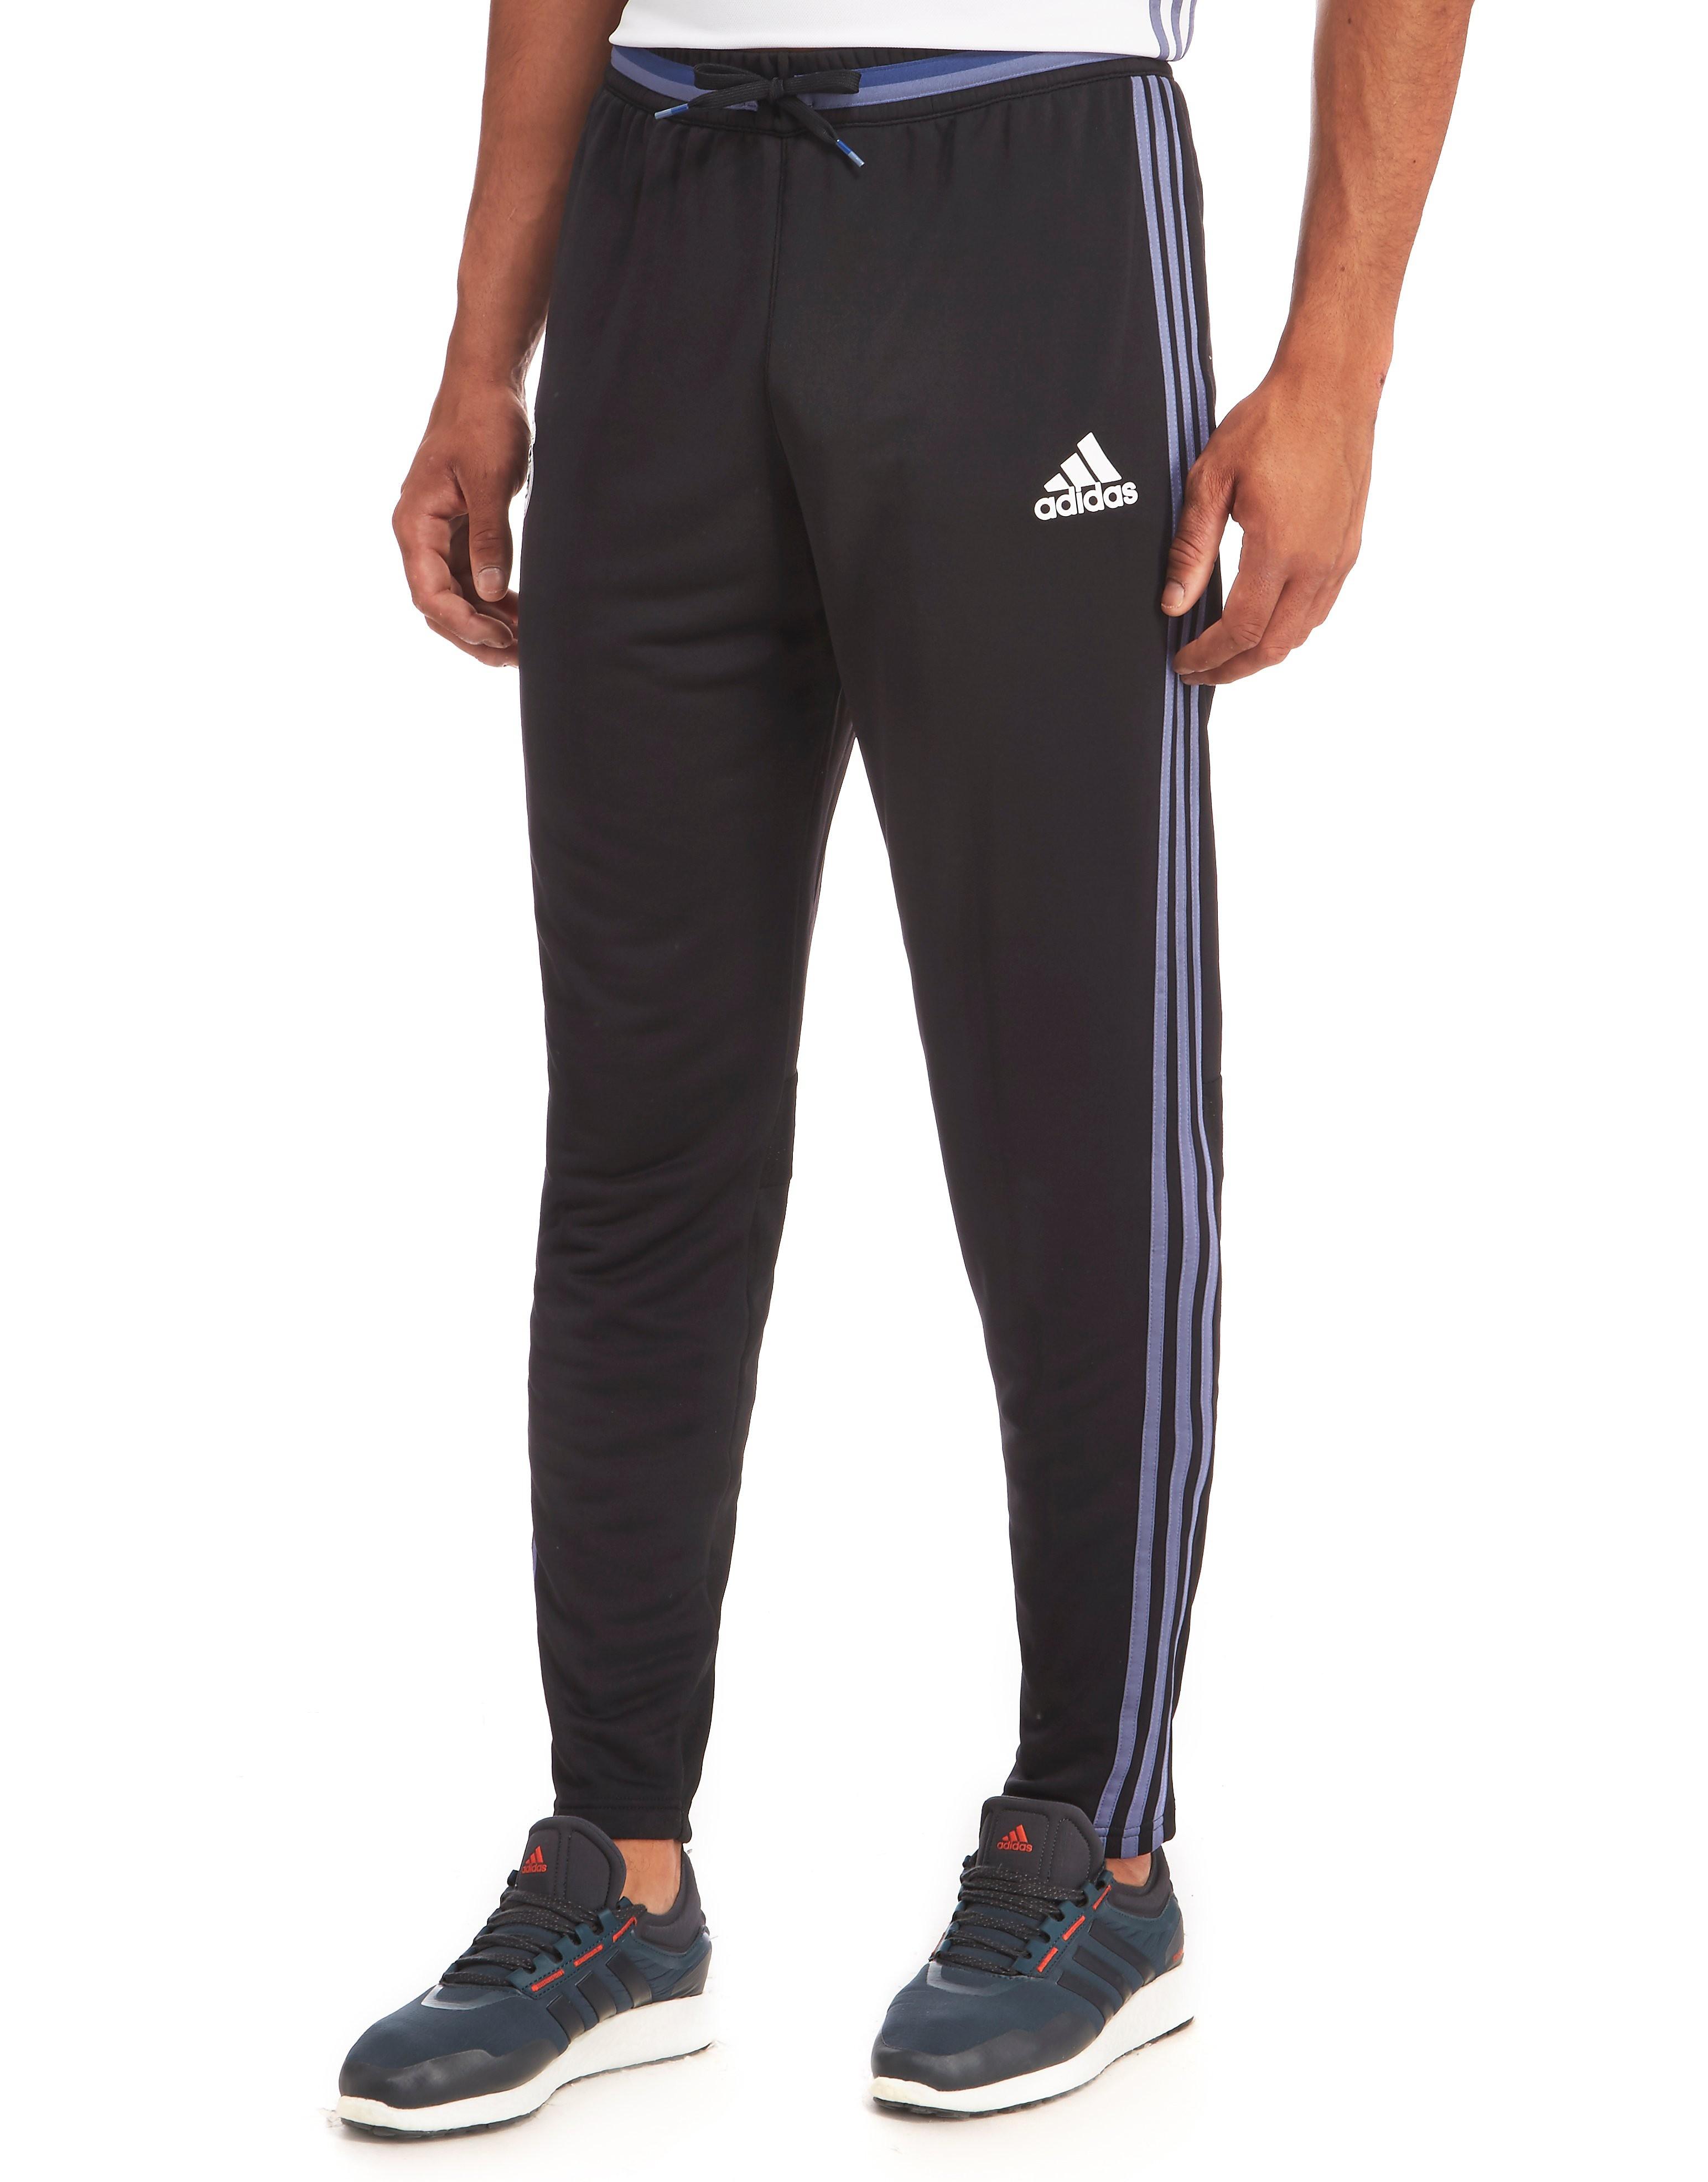 adidas Real Madrid 2016 Training Pants